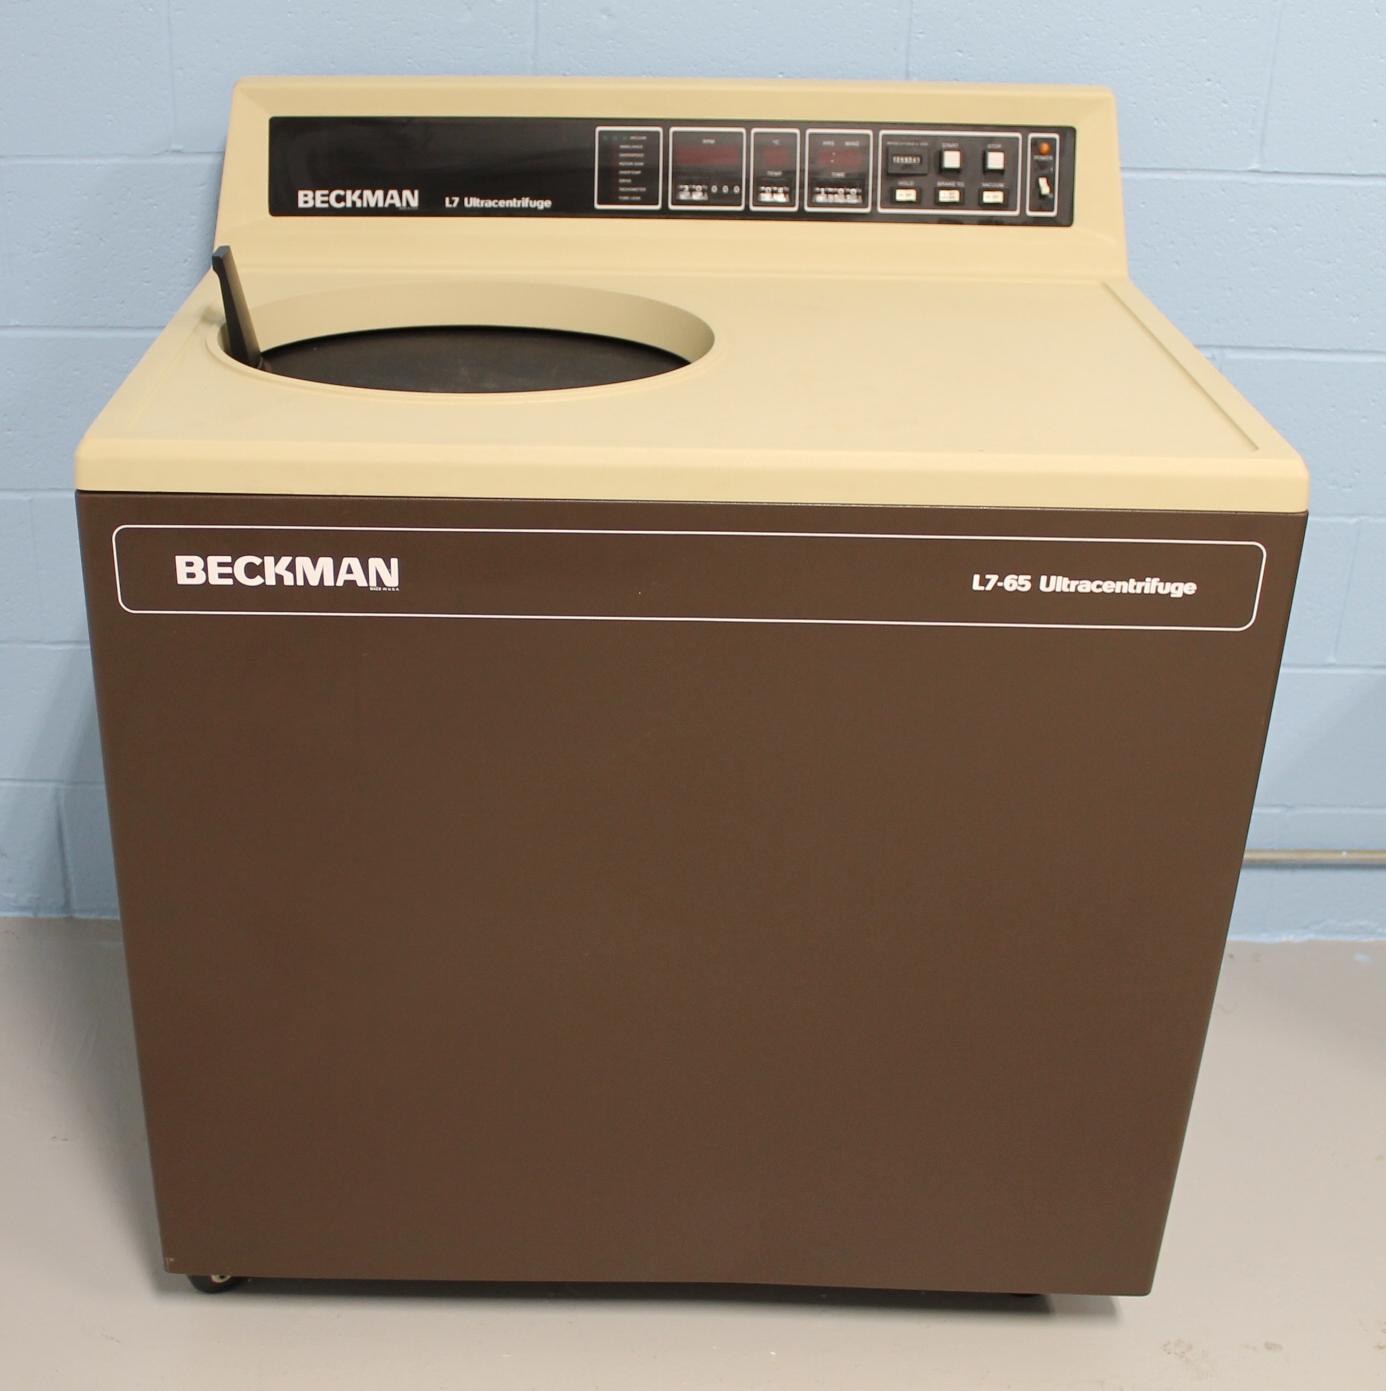 Beckman L7-65 Ultracentrifuge Image